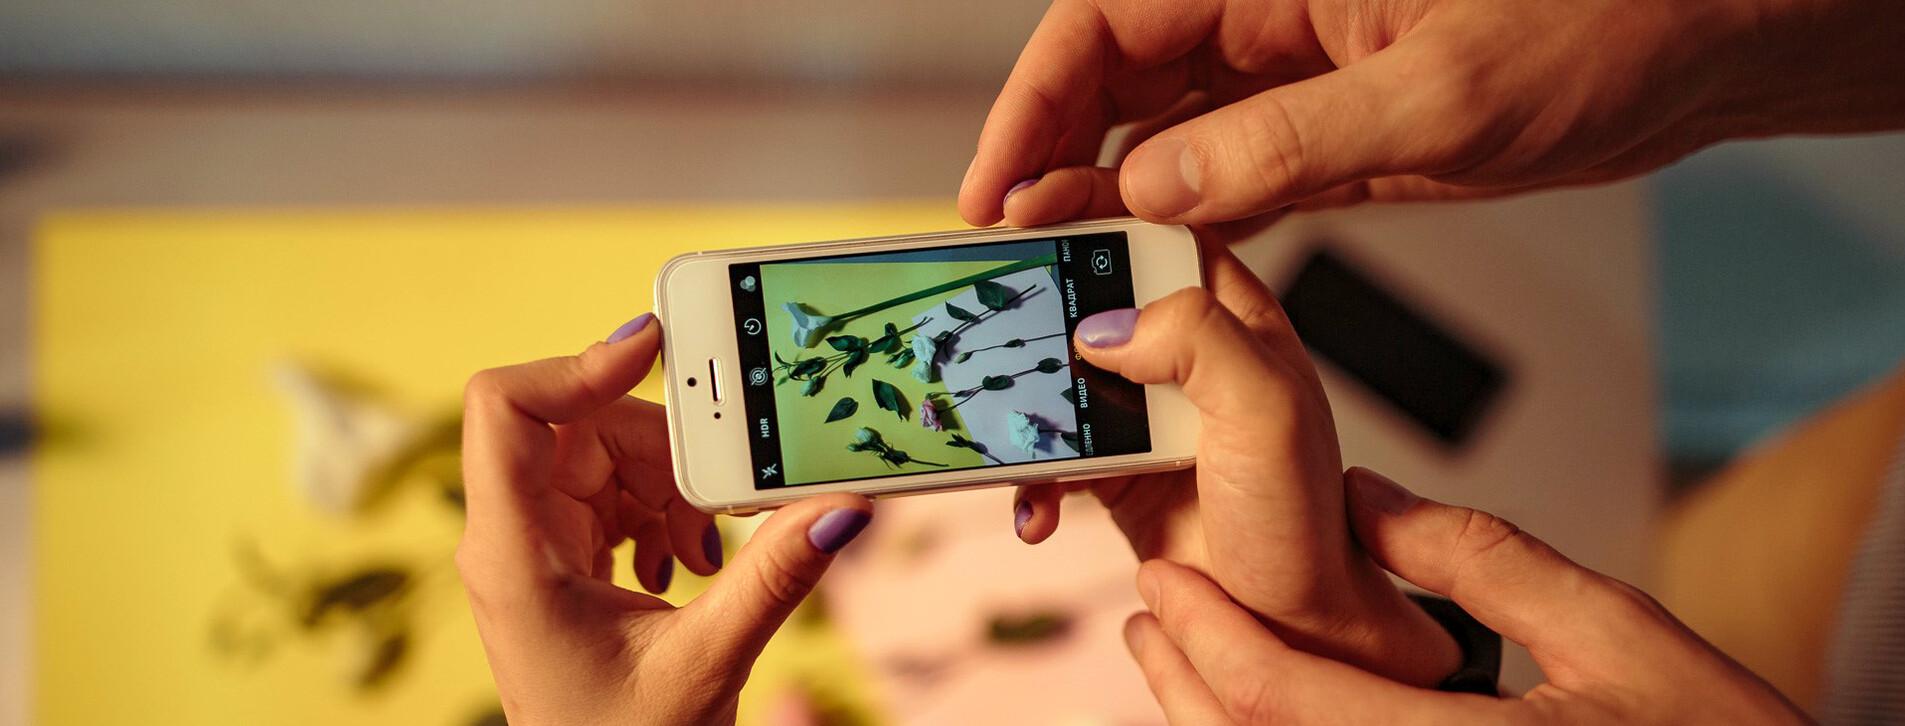 Фото 1 - Мастер-класс мобильной фотографии для двоих